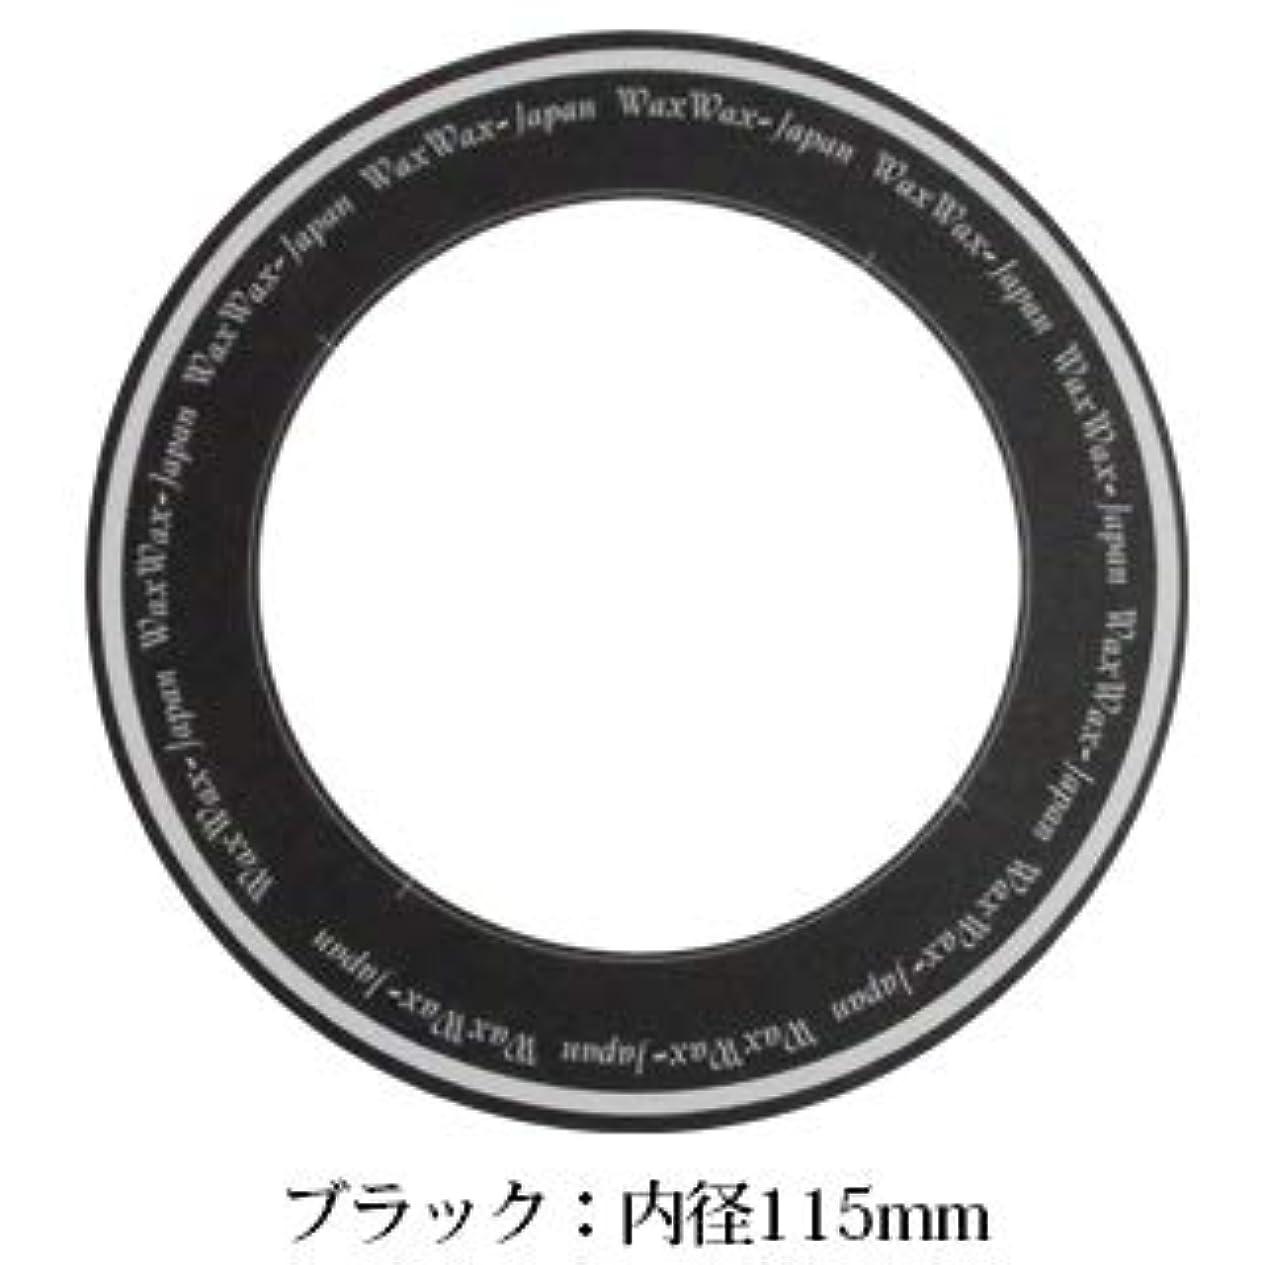 高層ビル敬礼代わりのワックス脱毛用カラー 50枚入 ワックスウォーマー専用 (Bタイプ ブラック 内径:115mm)